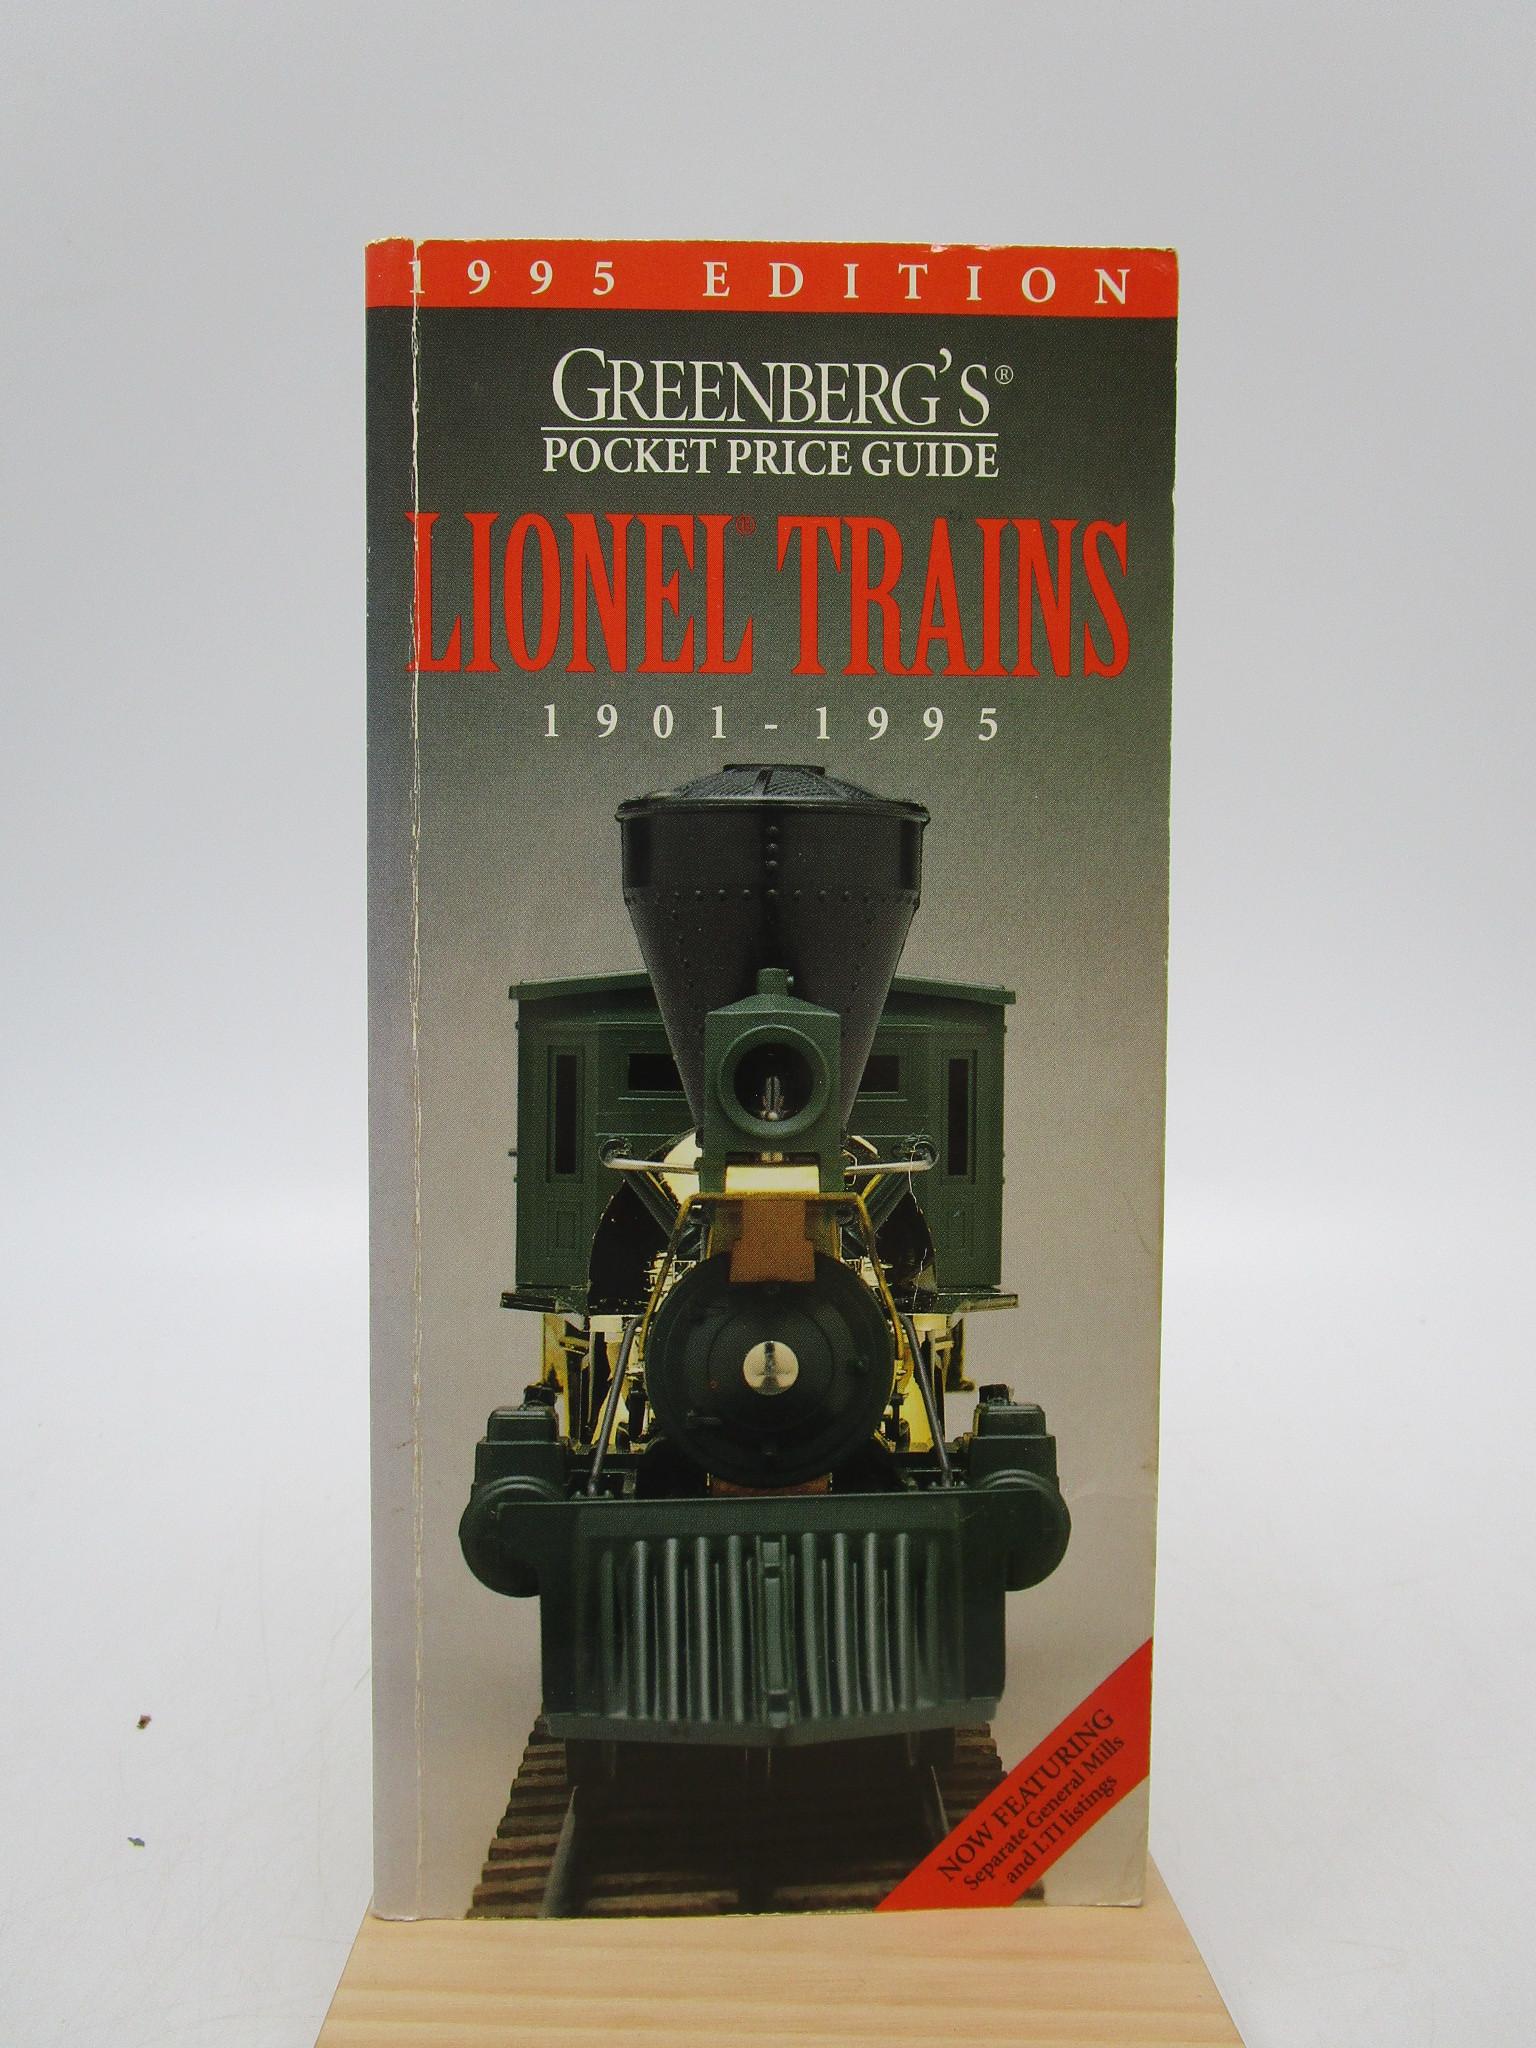 Image for Greenberg's Pocket Price Lionel Trains 1901-1995 (Greenberg's Pocket Price Guide Lionel Trains)